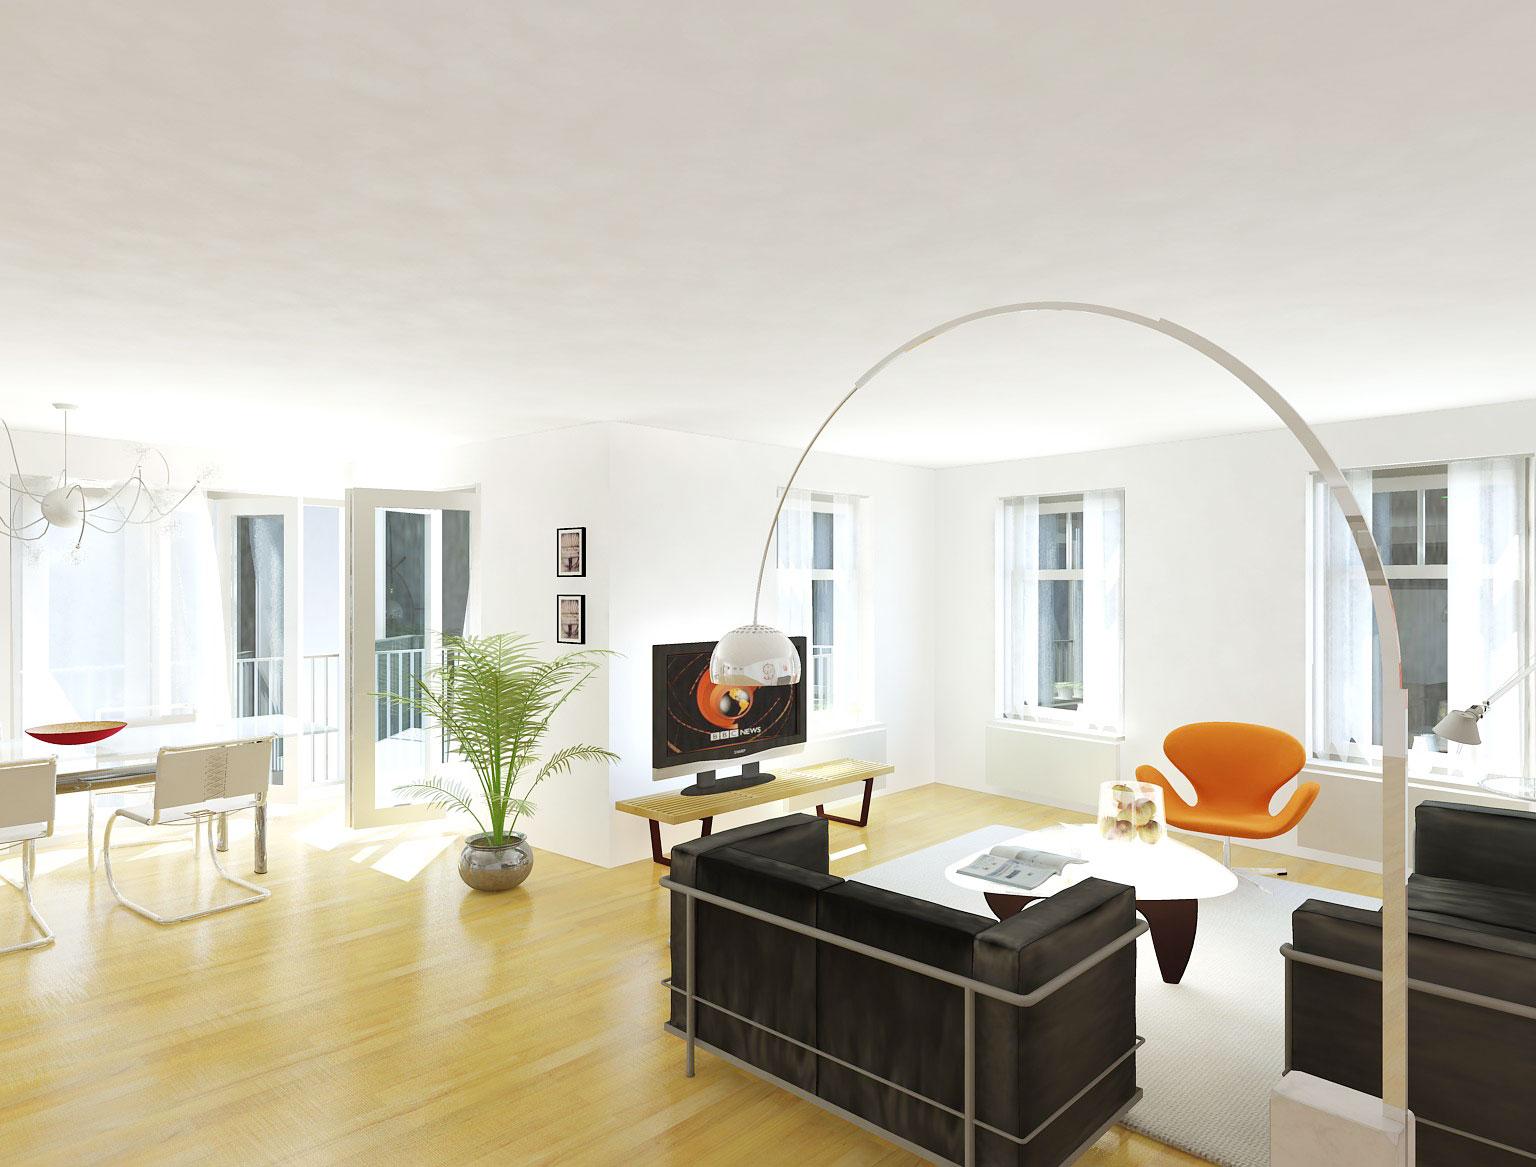 impressie interieur - woning met praktijkruimte Ooievaarsteeg Schiedam